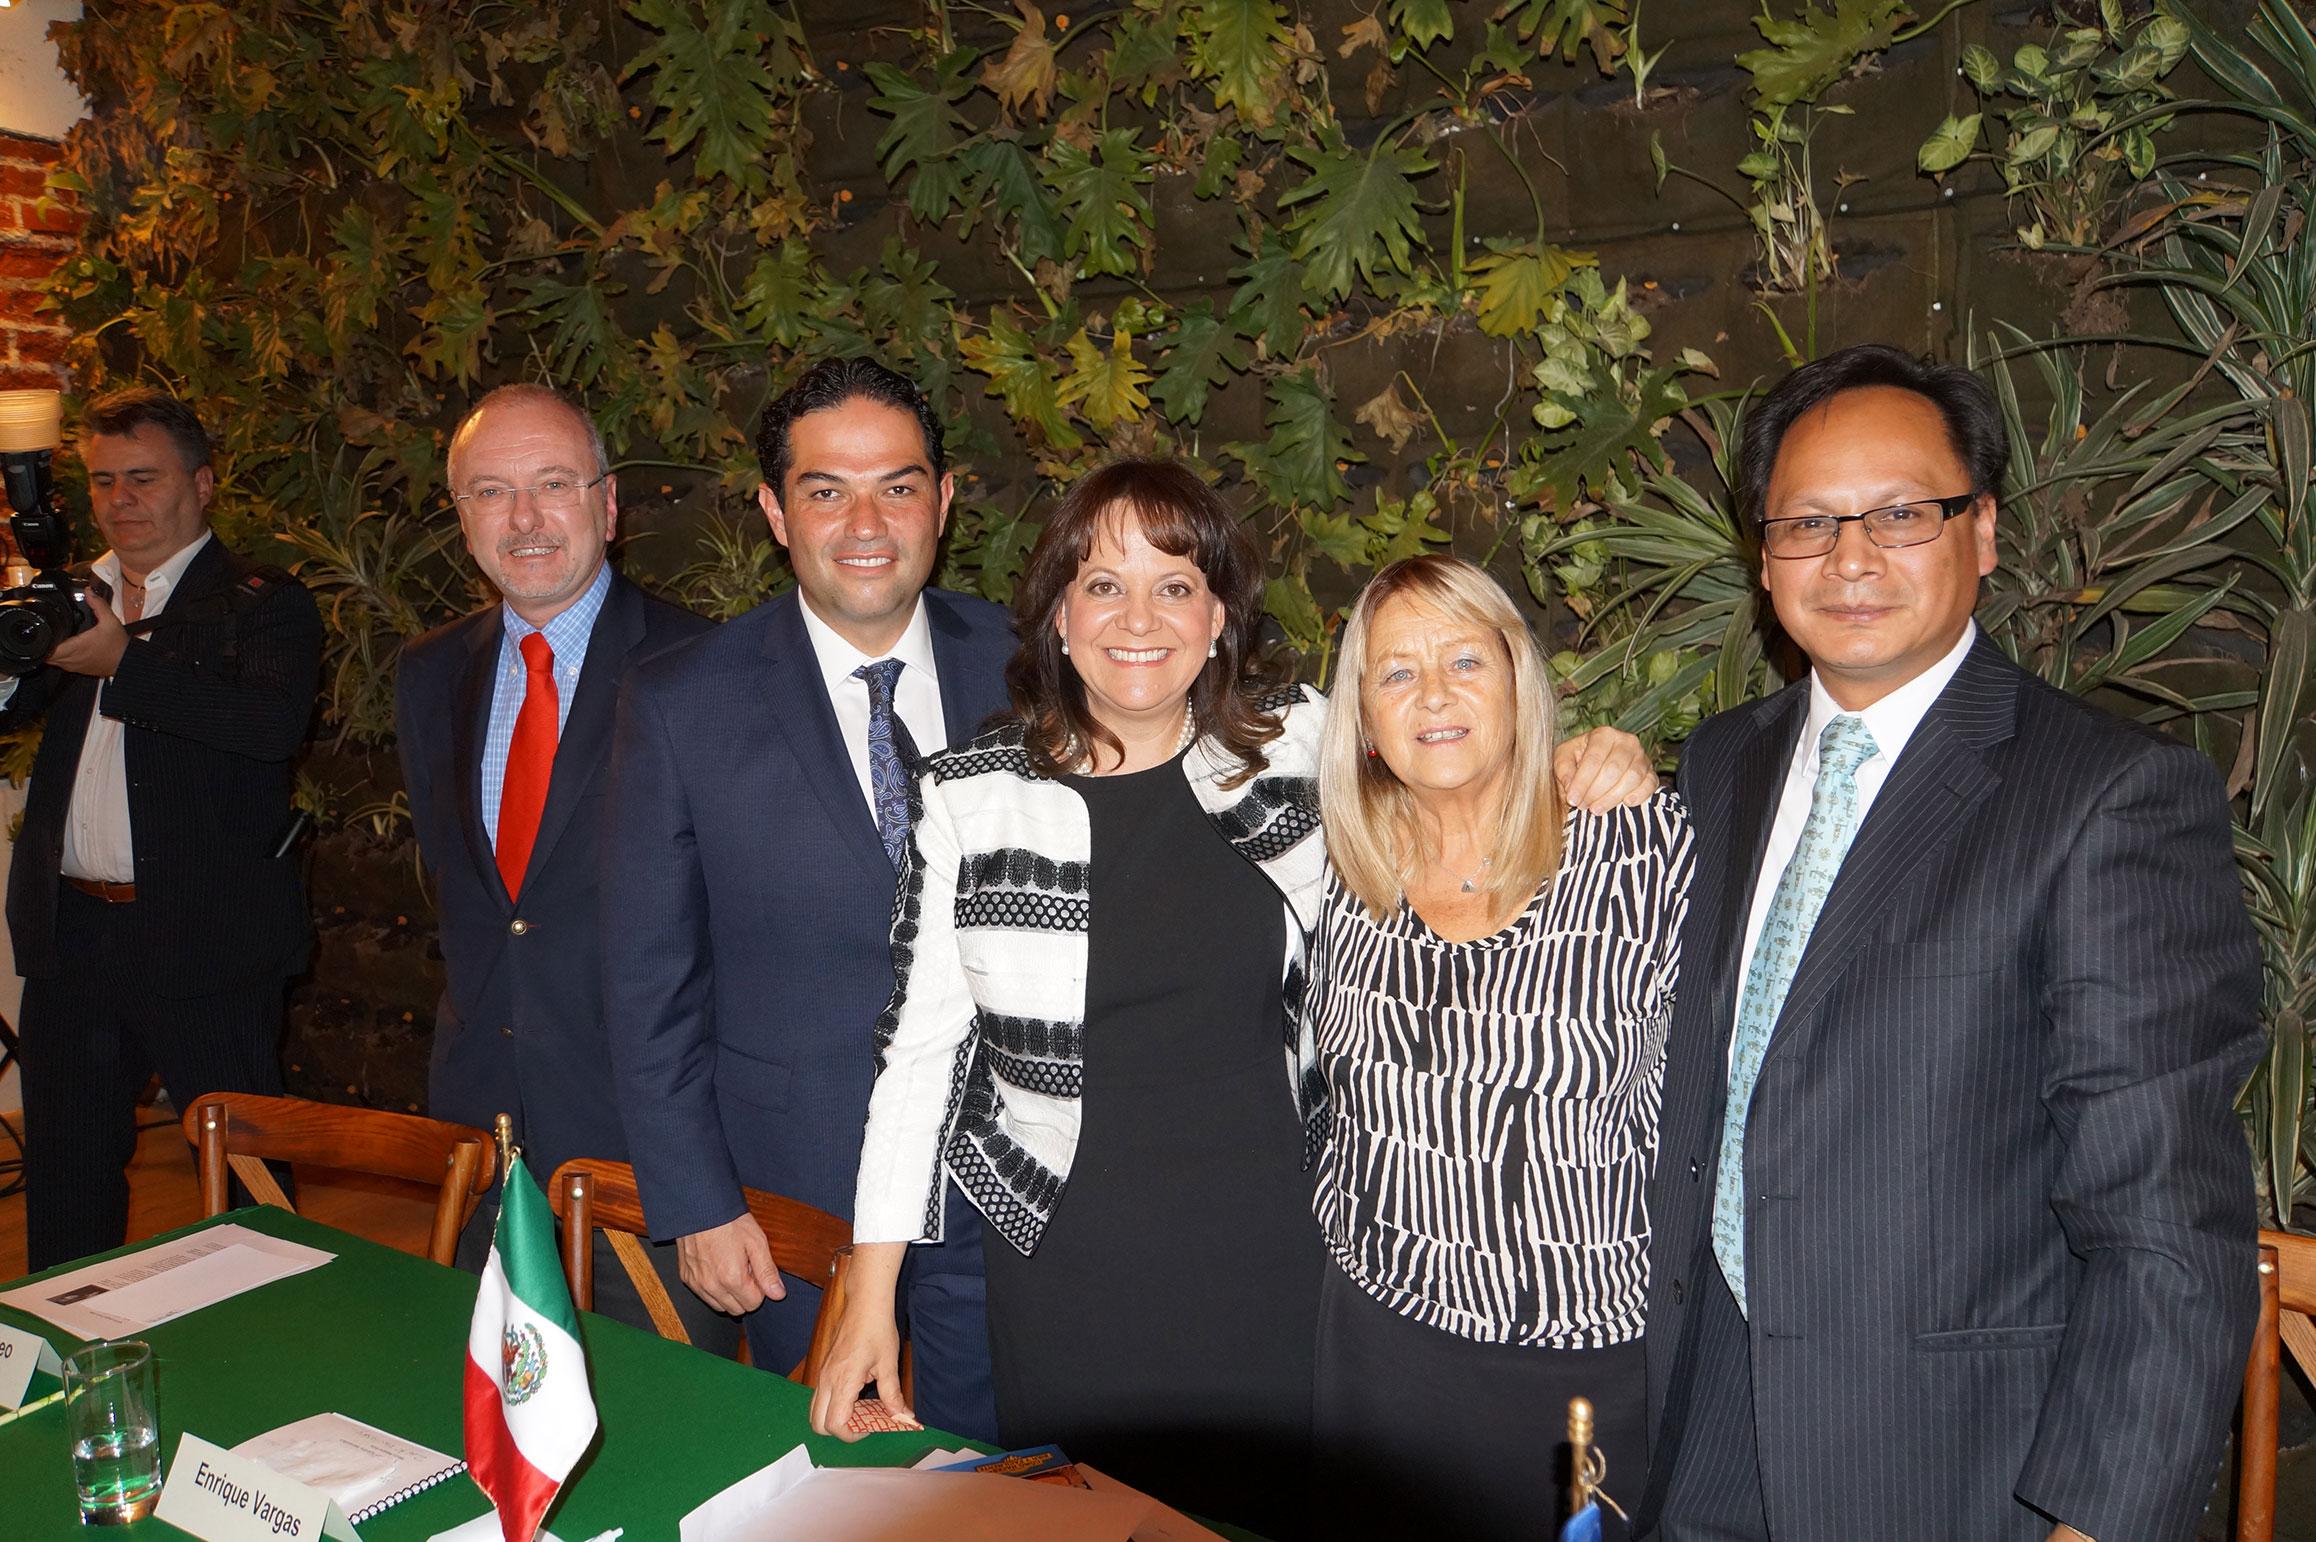 Javier Lareo, Enrique Vargas, Martha Delgado, Alicia Aloro y Zark Vauhlosky